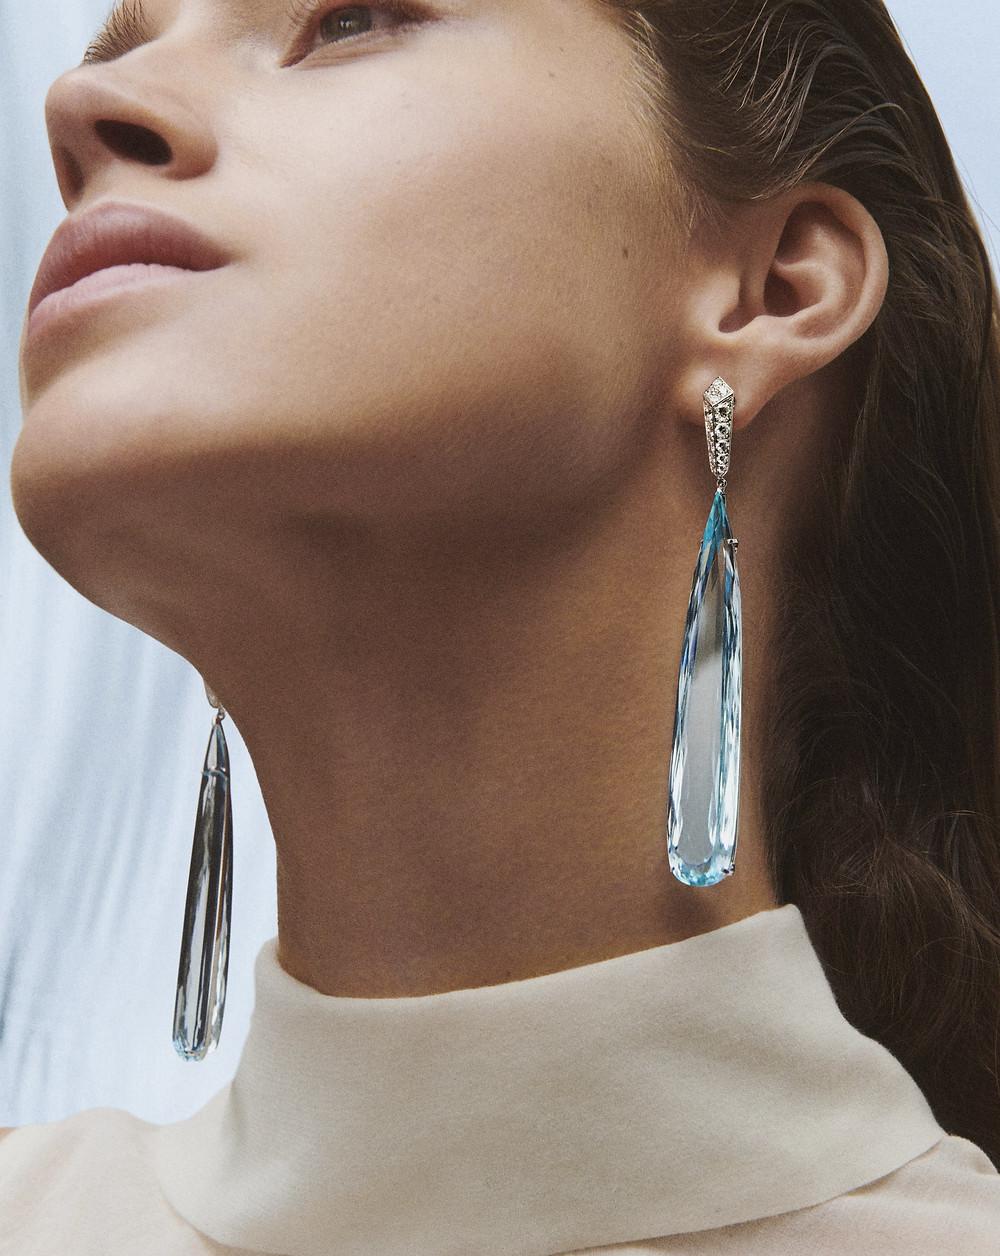 Pendants d'oreilles sertis de gouttes d'aigue-marines et de diamants sur or blanc